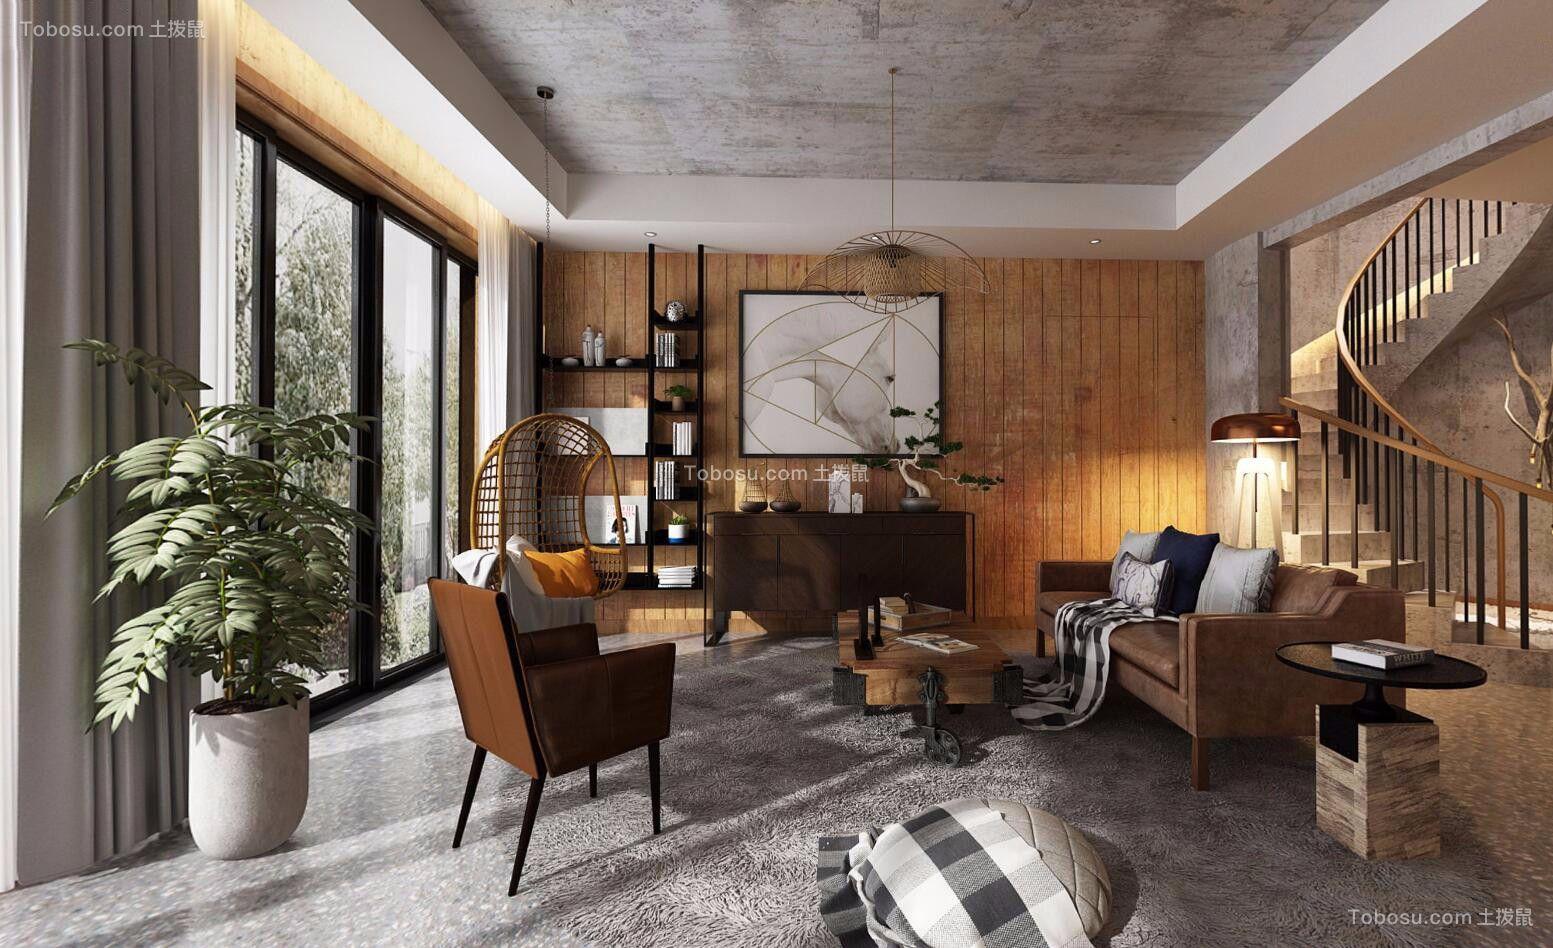 重庆庆隆高尔夫580平米别墅LOFT风格装修效果图